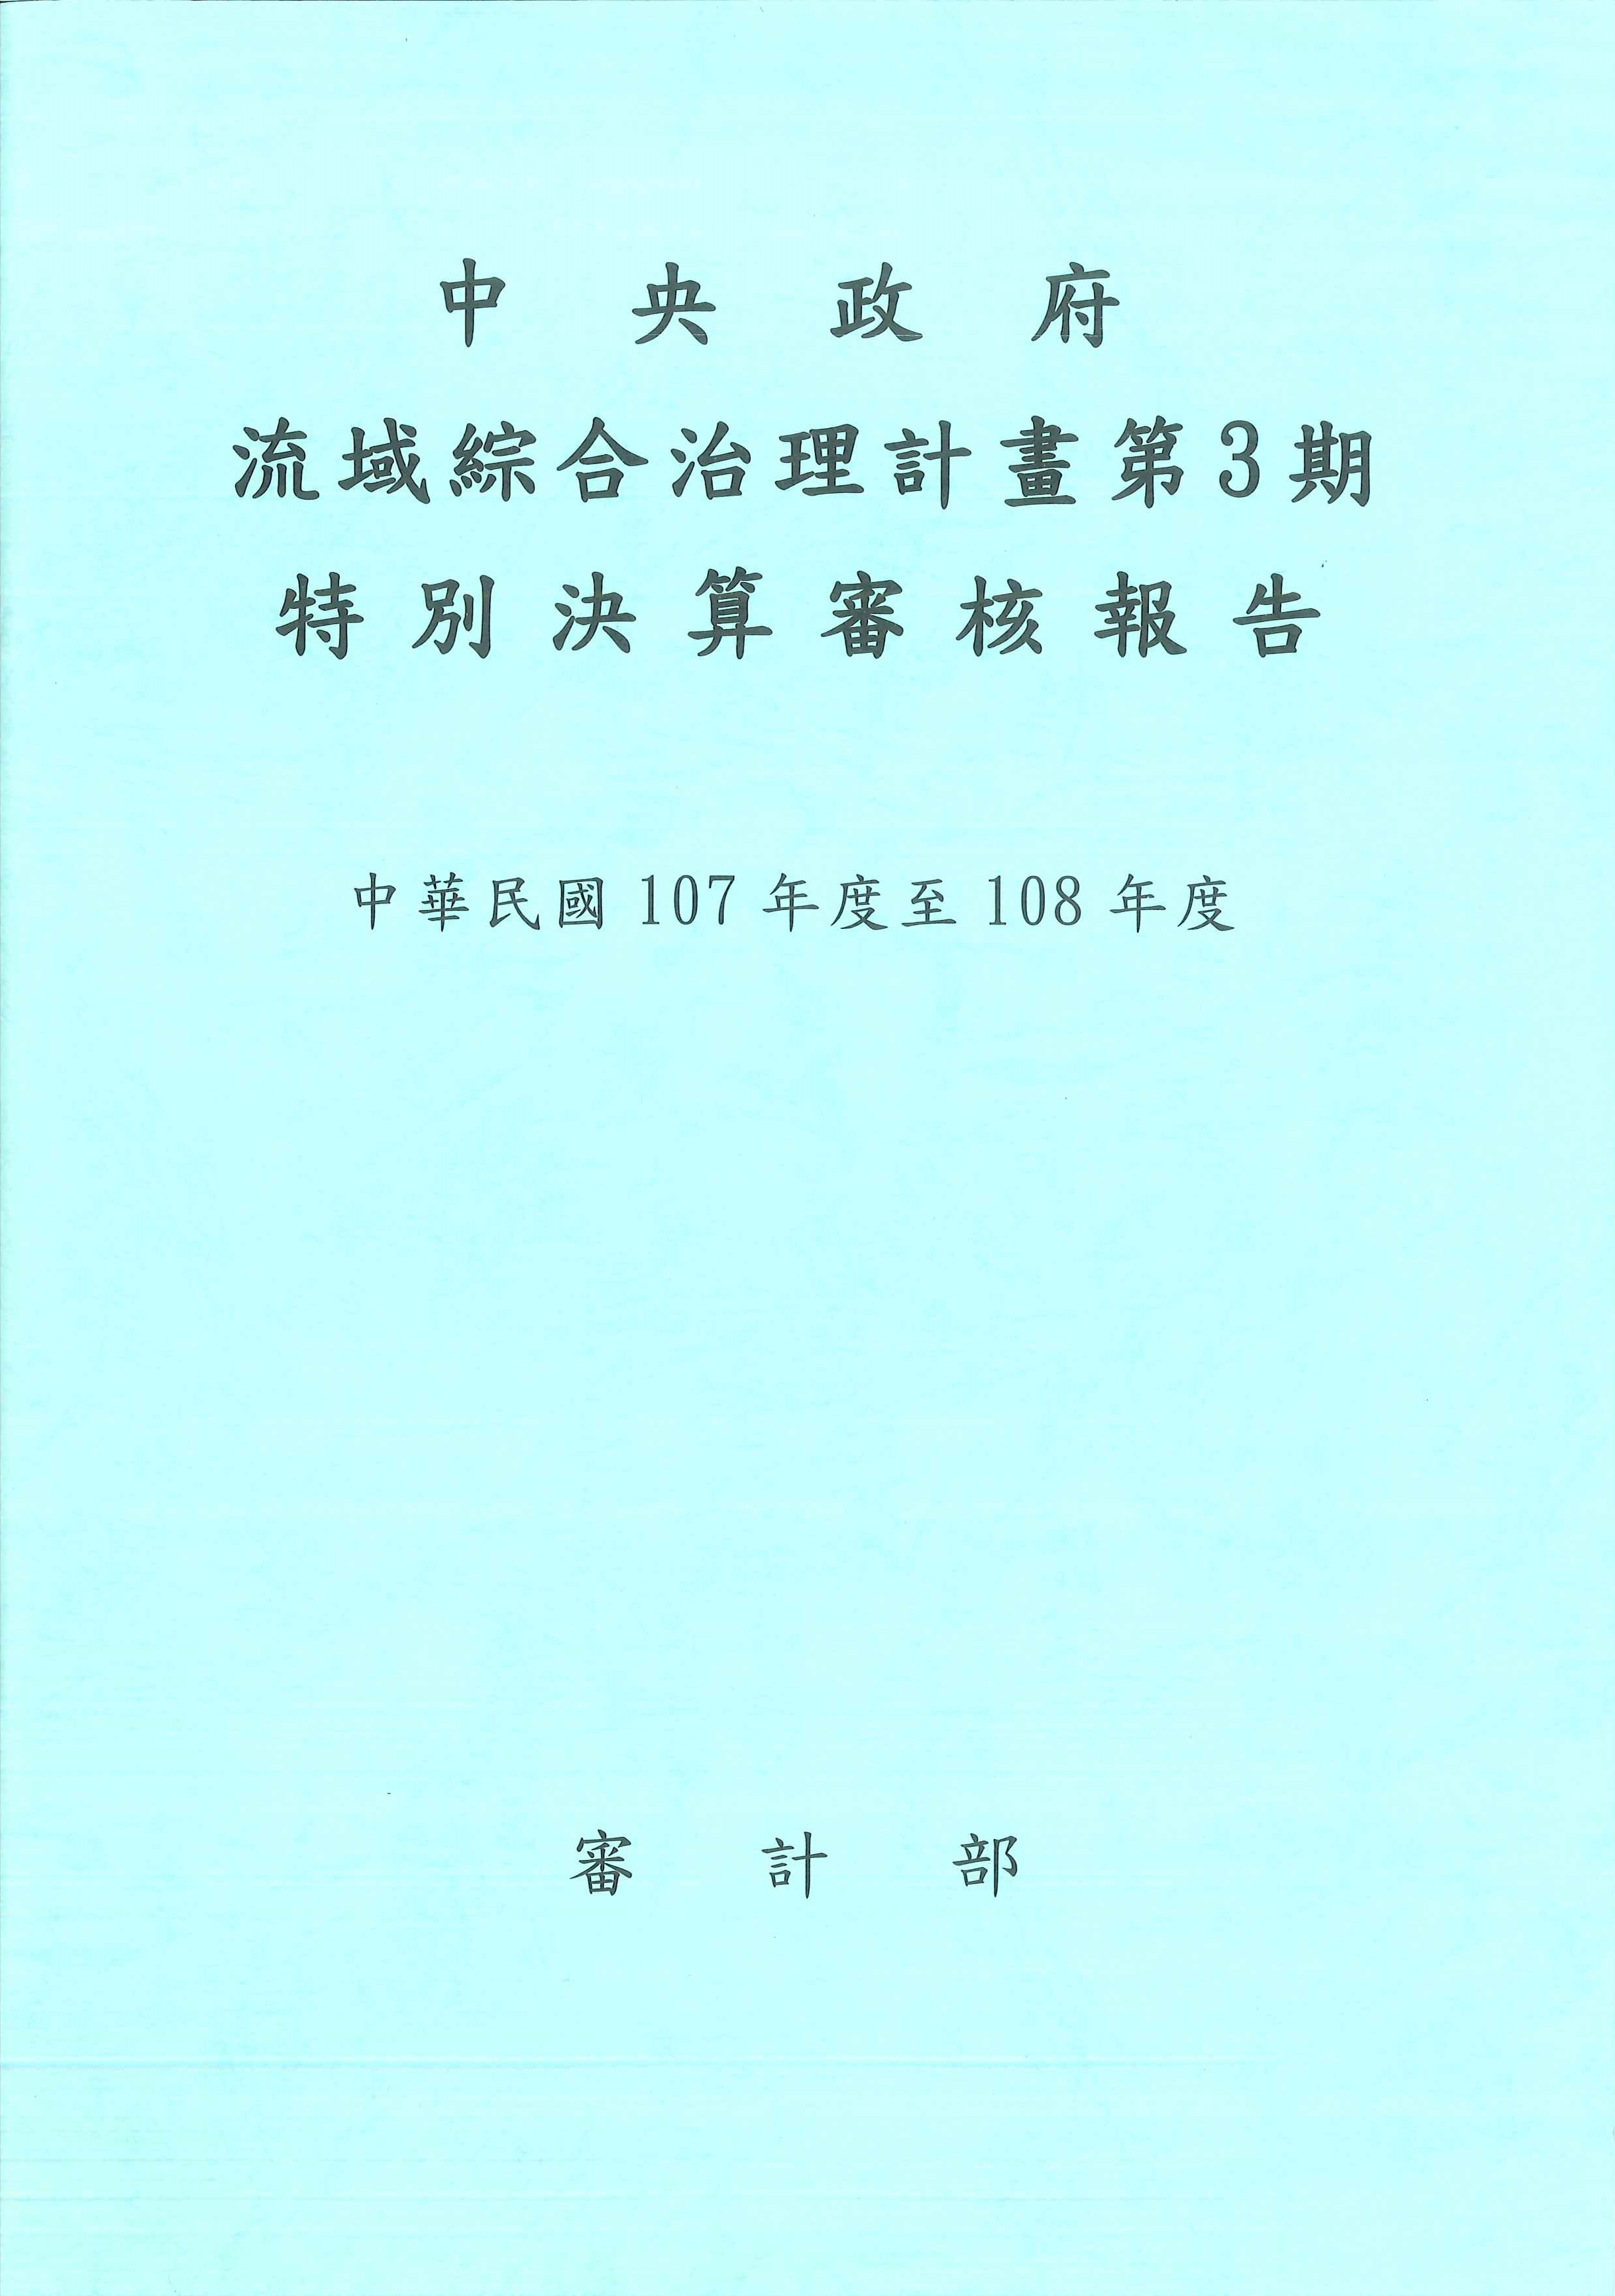 中央政府流域綜合治理計畫第3期特別決算審核報告.中華民國107年度至108年度